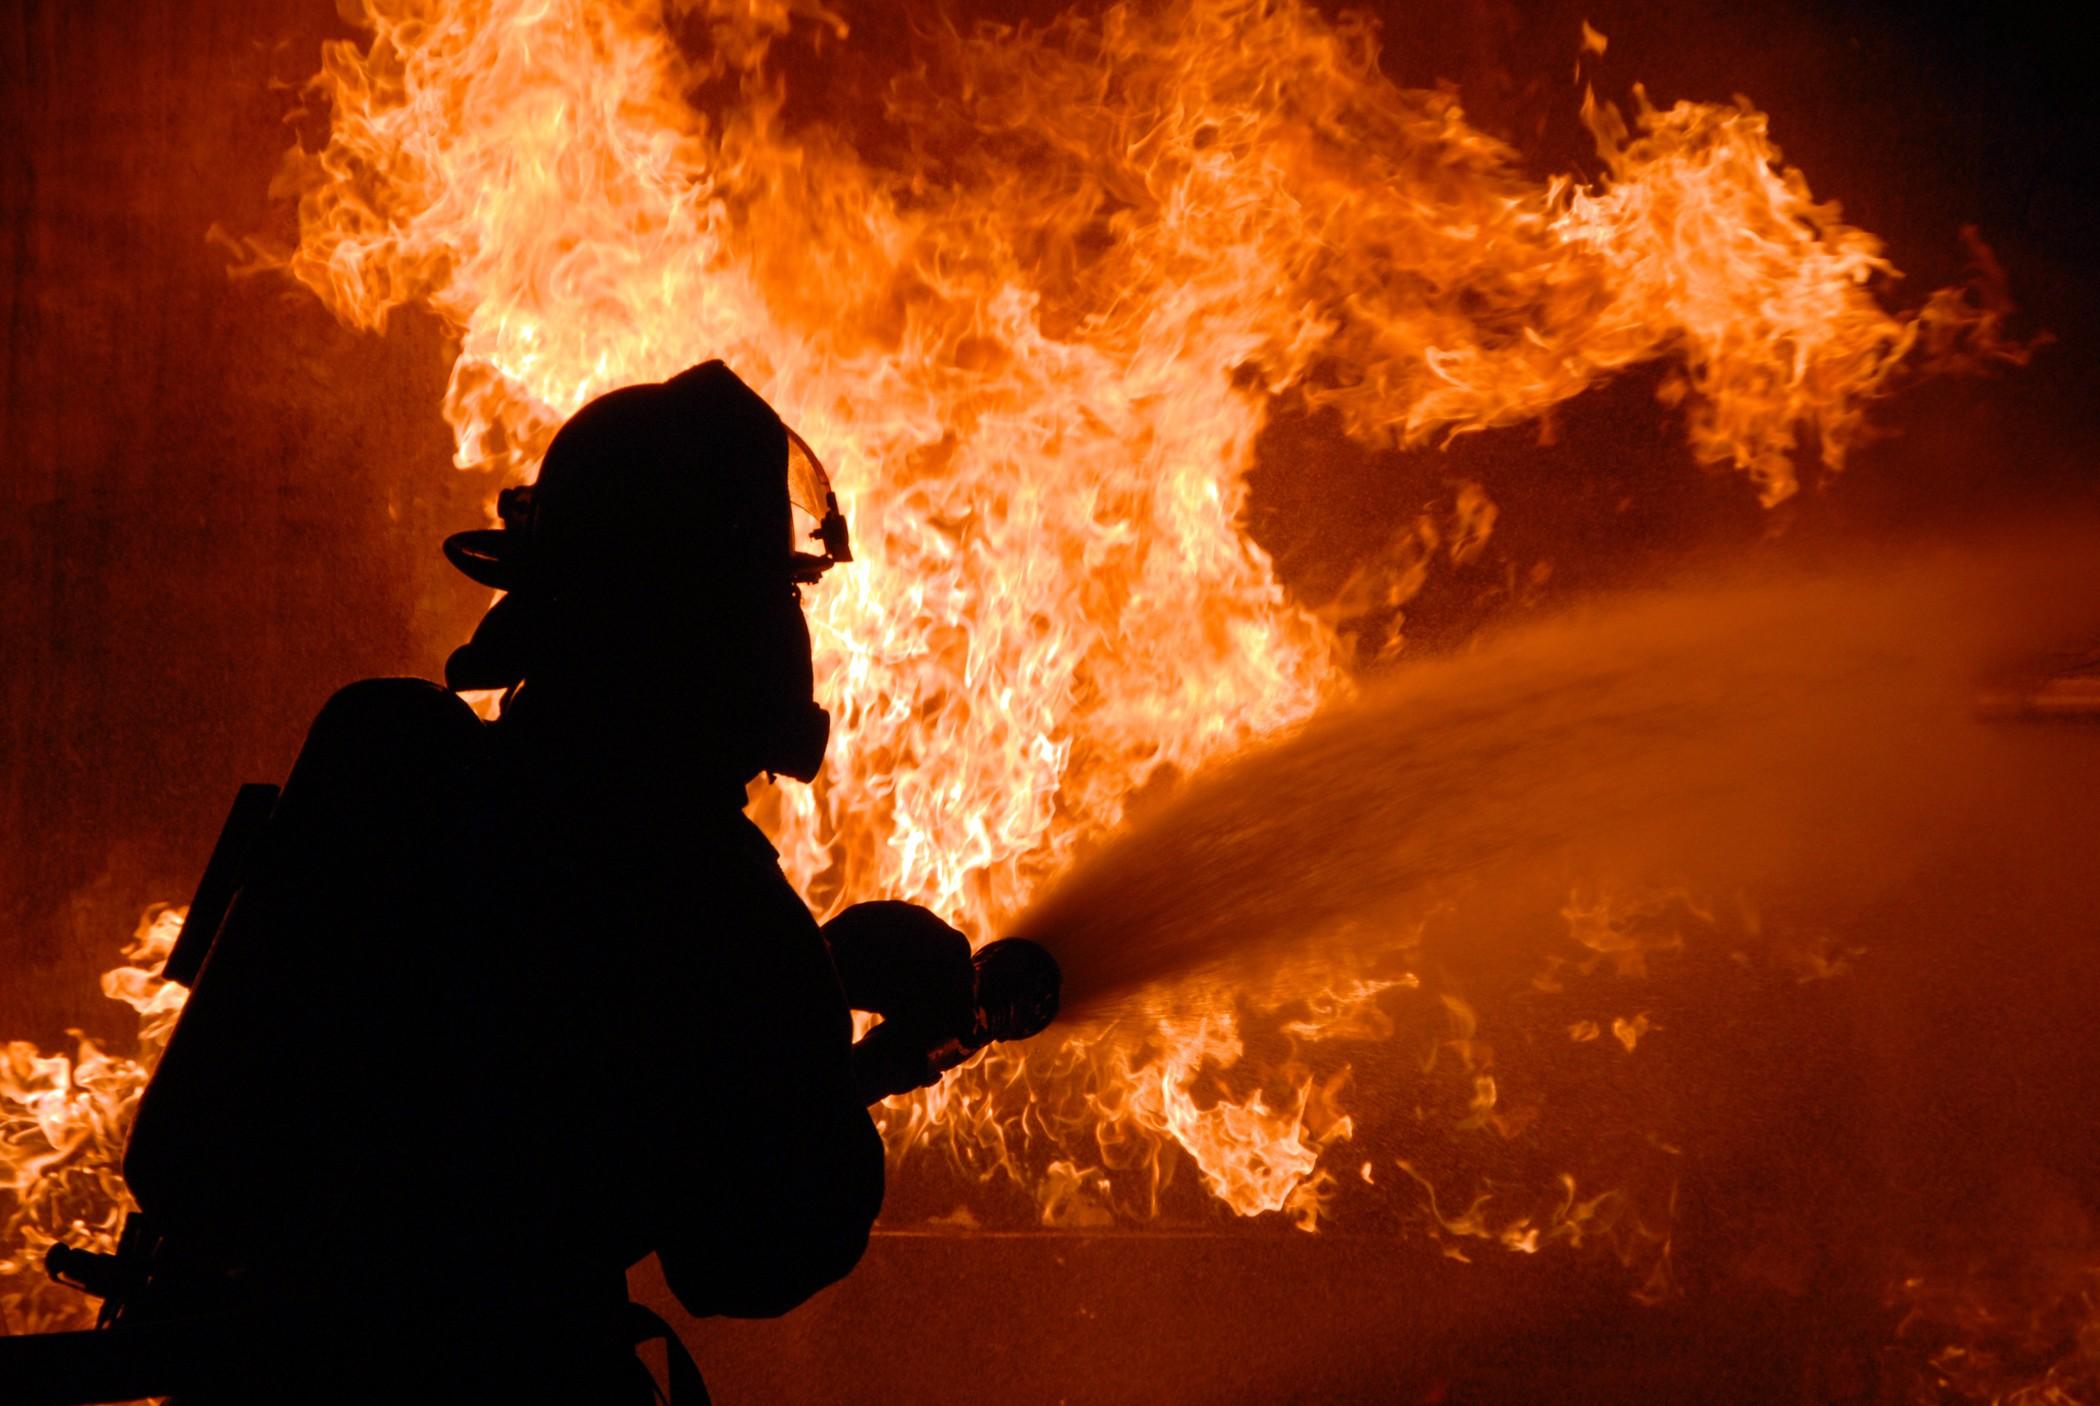 Мощный пожар разбушевался на военном полигоне Минобороны Украины – опубликовано видео разгула огненной стихии